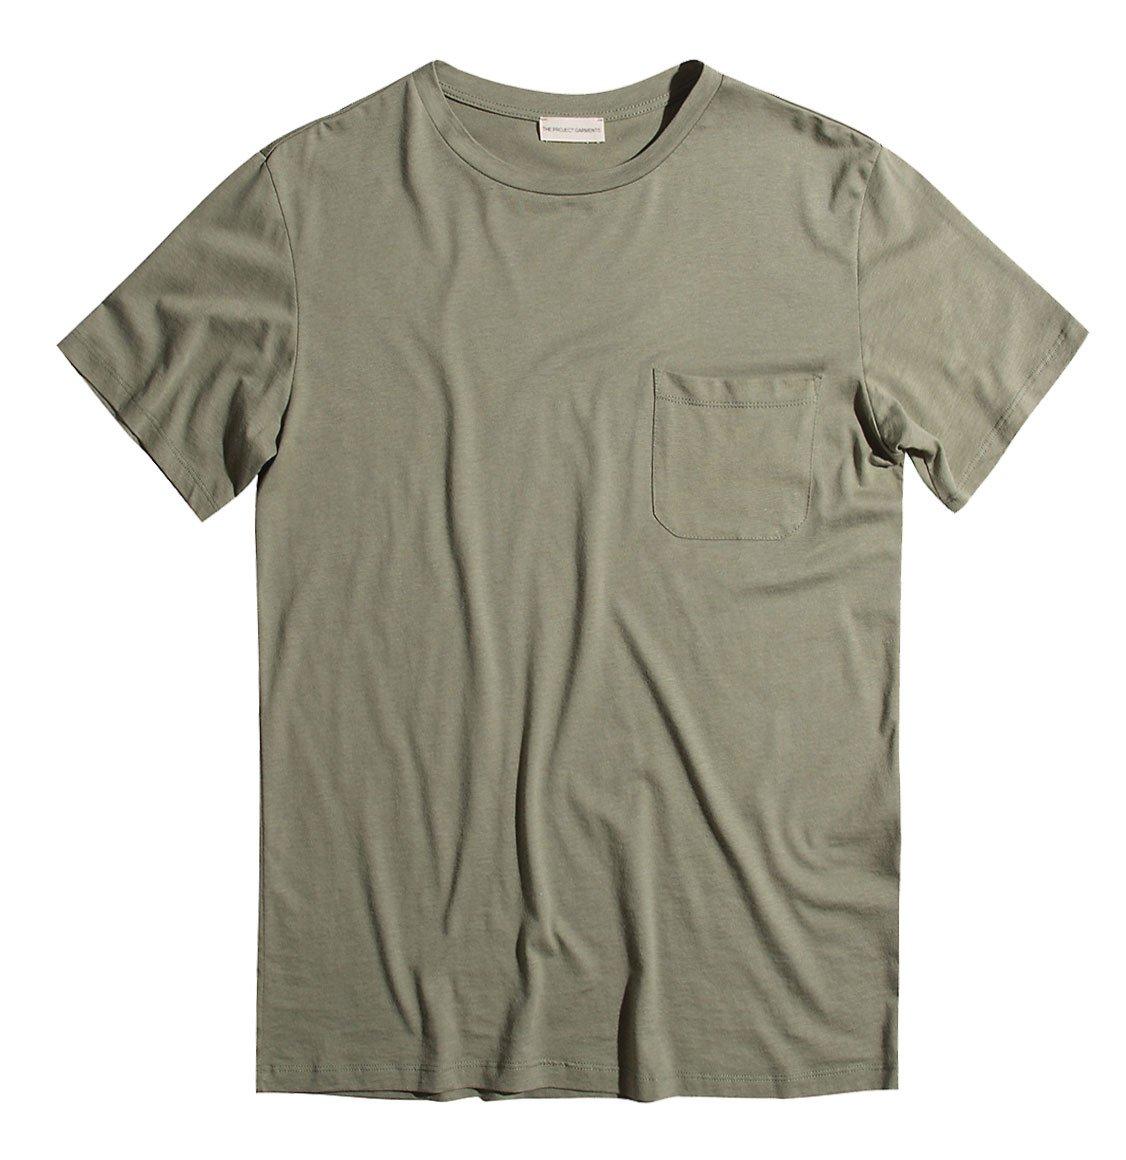 The Project Garments Crew Neck Modal Pocket T-shirt Khaki